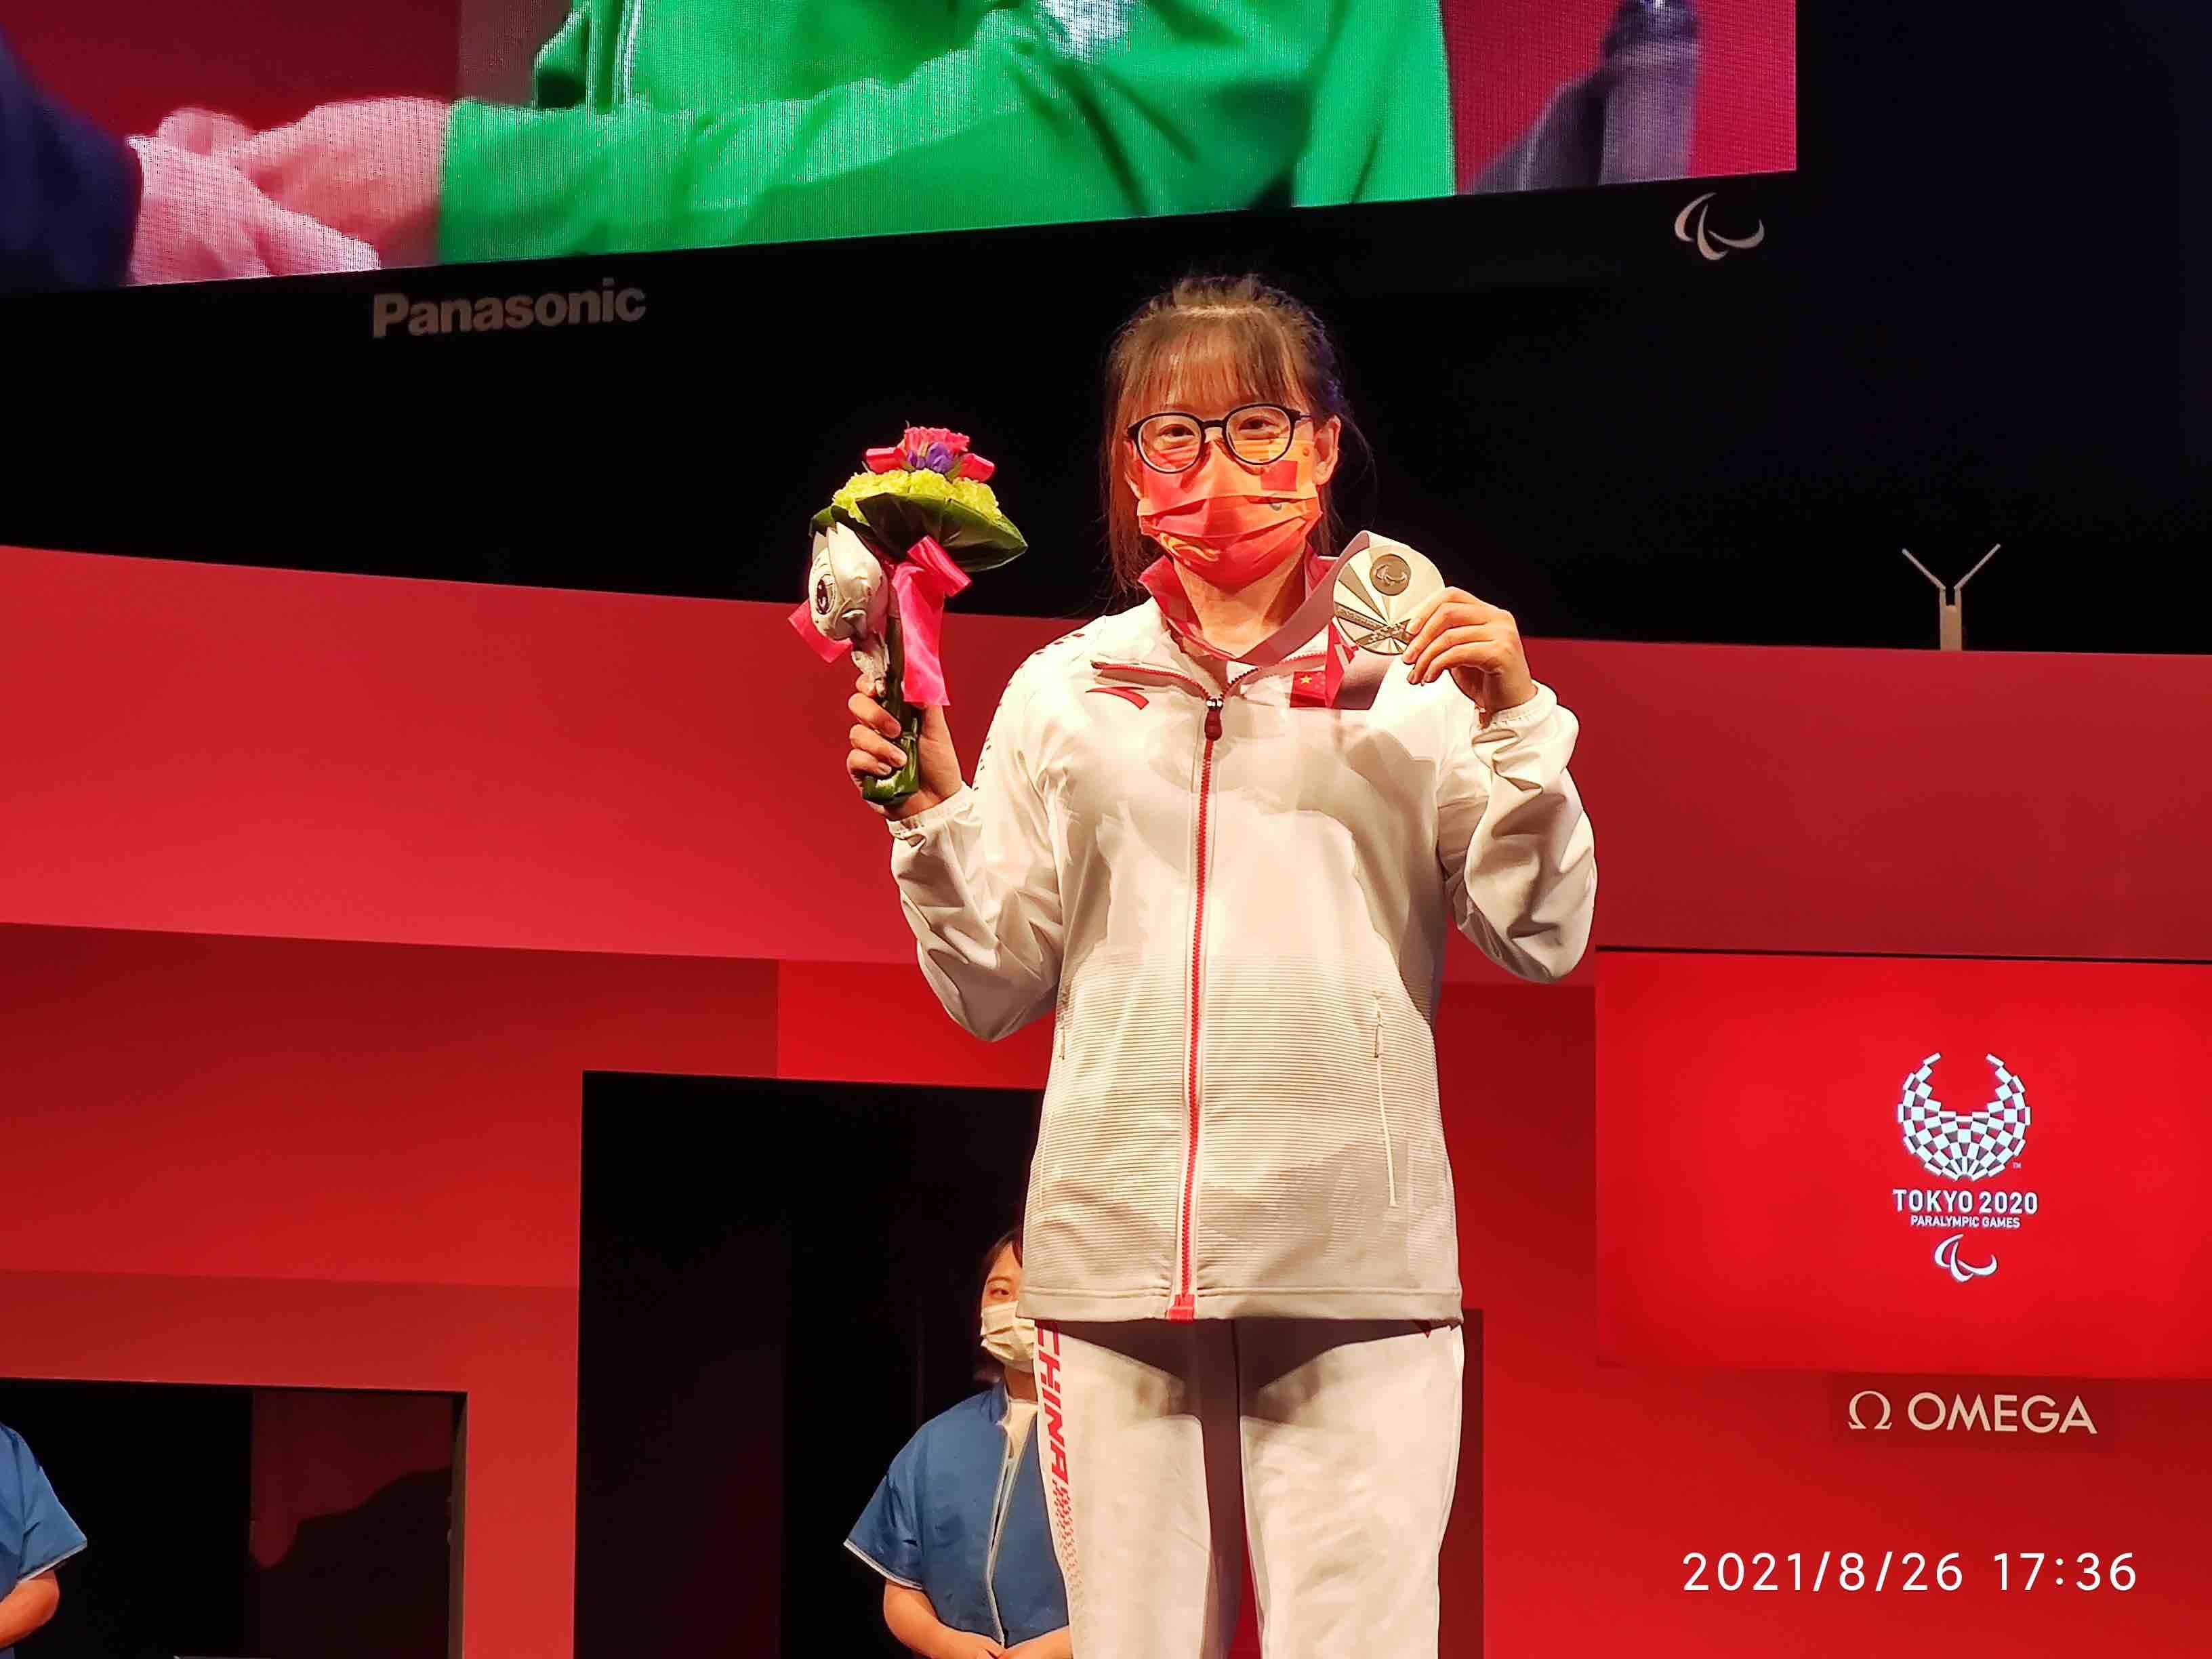 菏泽姑娘崔哲在东京残奥会举重项目女子45公斤级比赛中摘得银牌